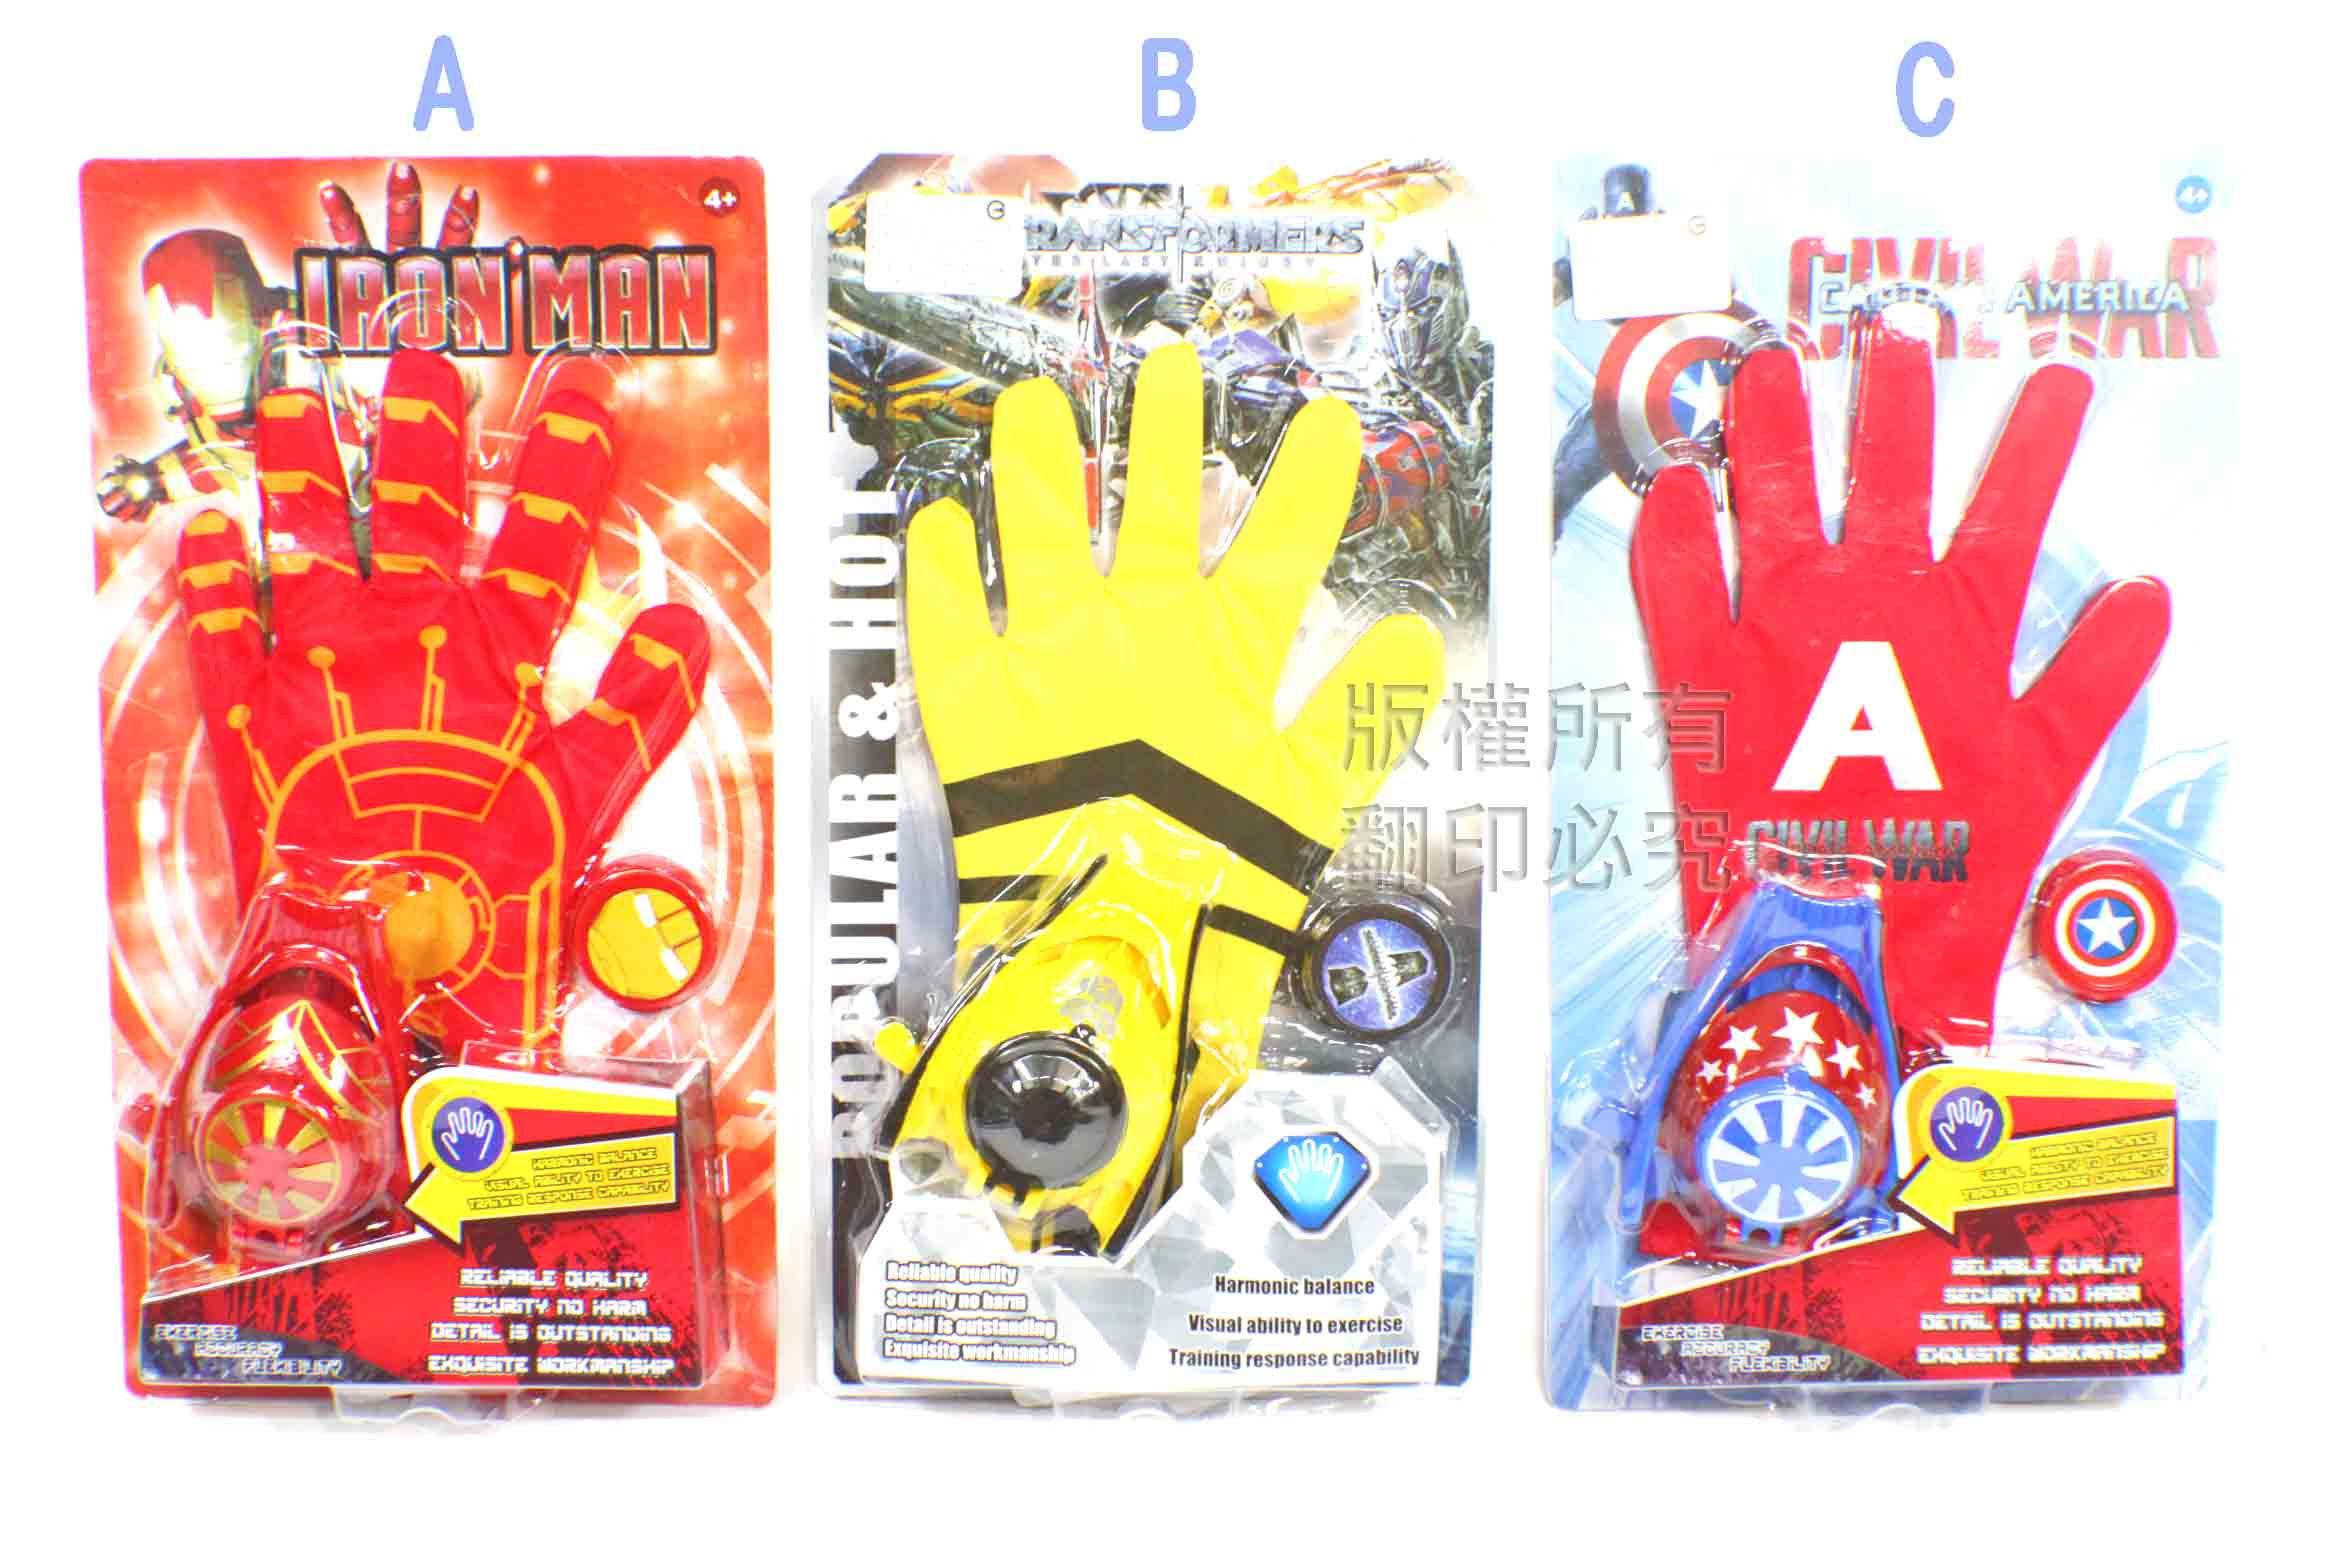 ☆小不點日舖☆萬聖節 聖誕節  英雄聯盟漫畫手套 手腕發射器 發射手套 綠巨人 浩克 美國隊長 柯博文 鋼鐵人手套